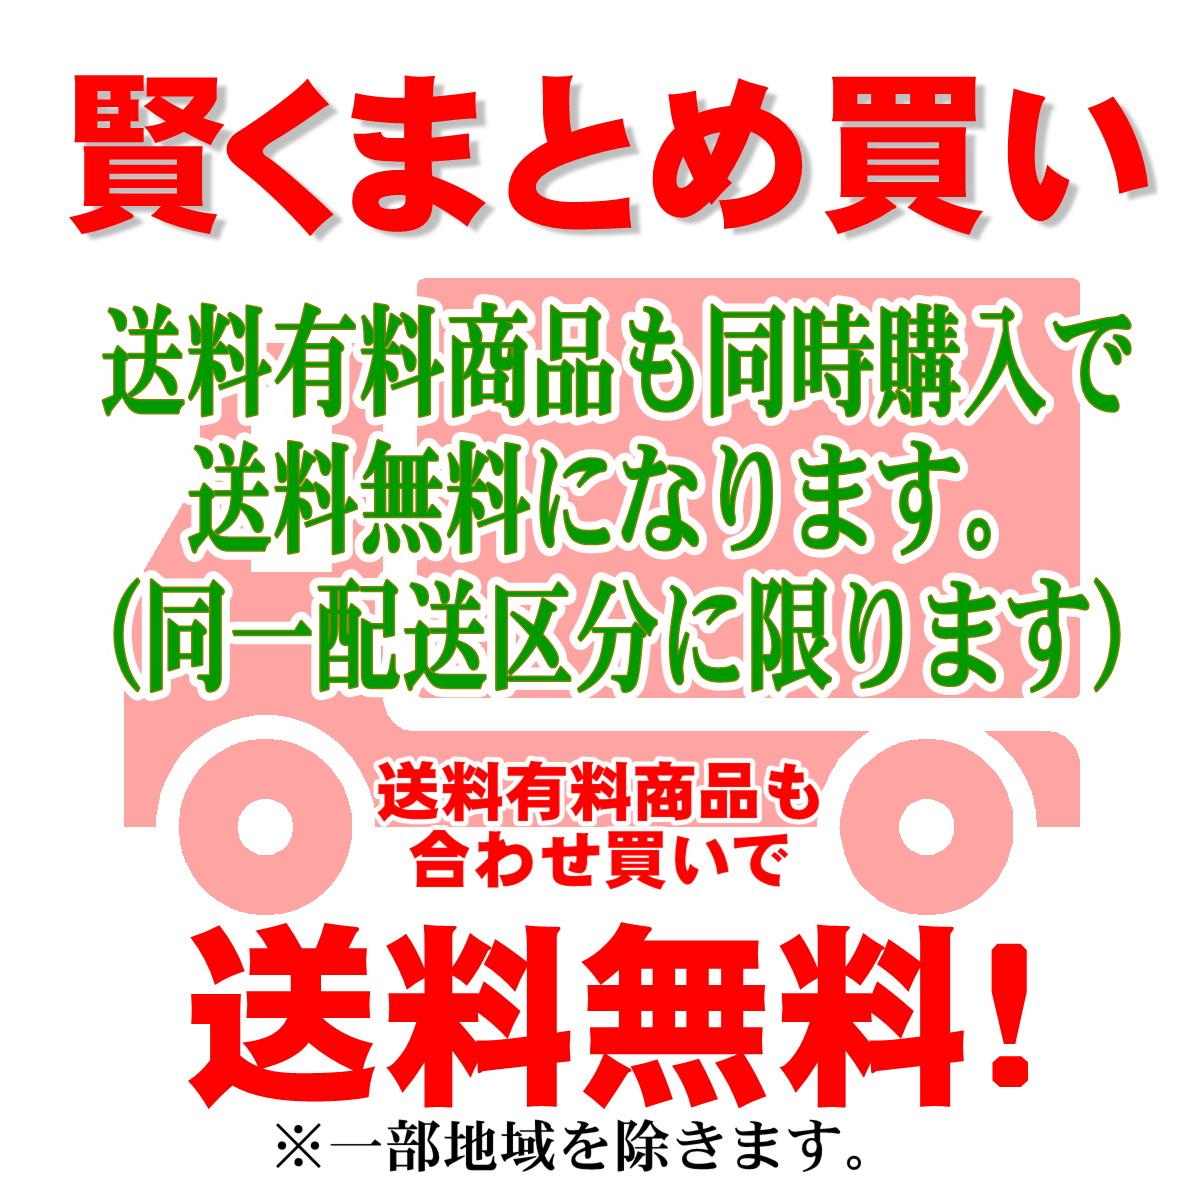 塩 いくら1kg入り 【 北海道産他 】 (冷凍便)